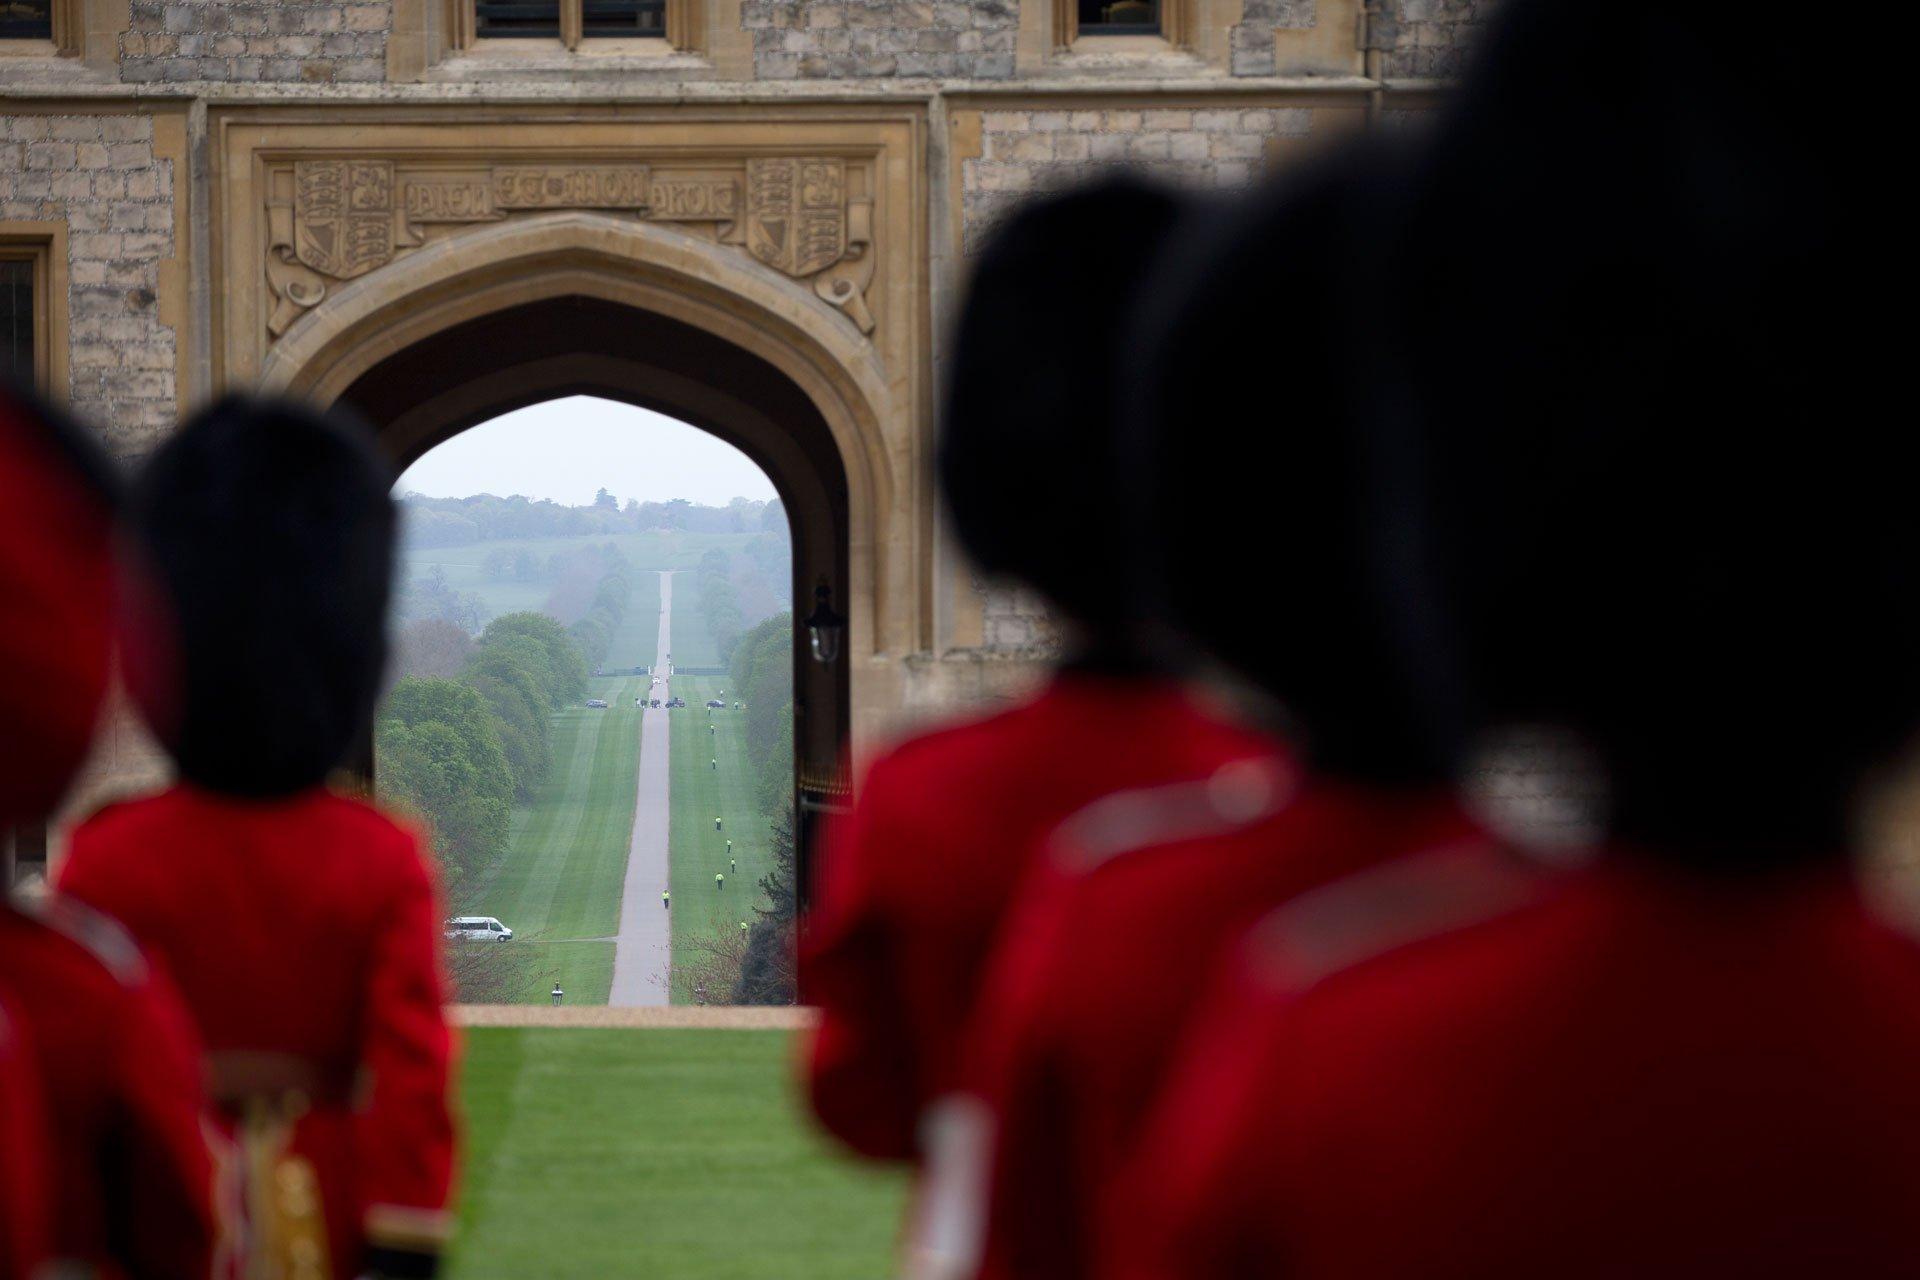 Los guardias reales esperan para la recepción del mandatario norteamericano.